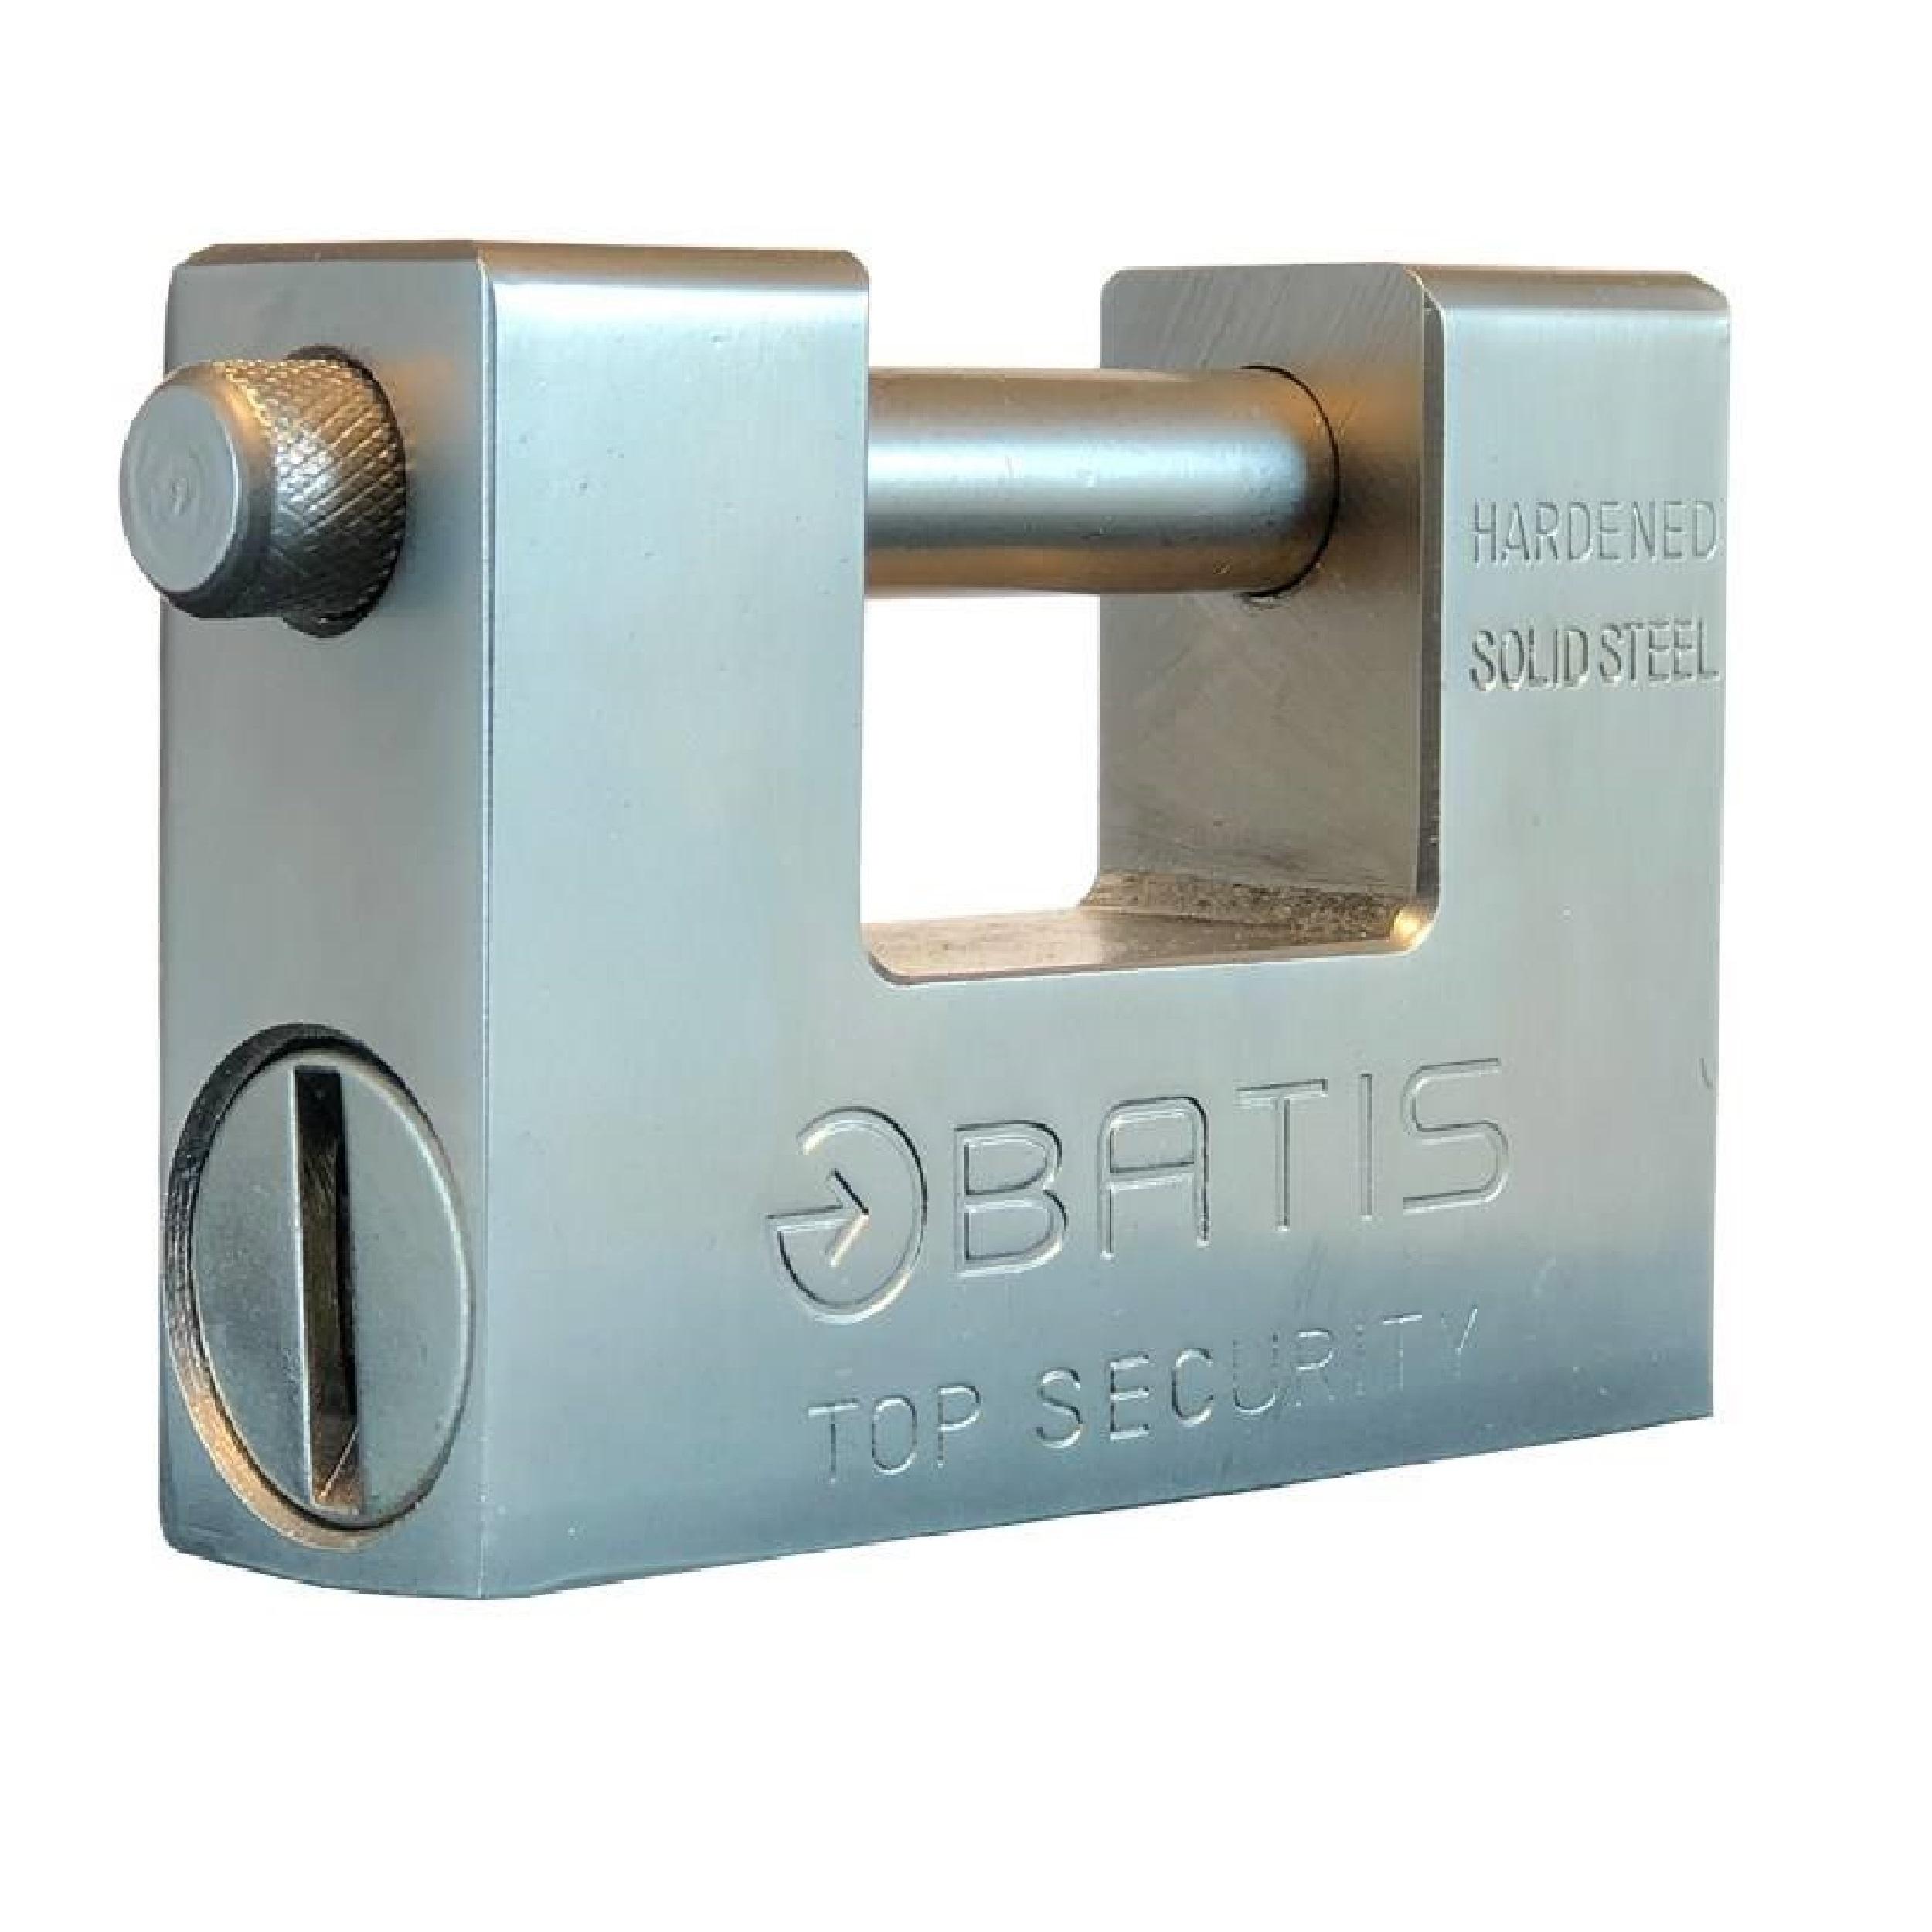 قفل کتابی باتیس مدل S-94